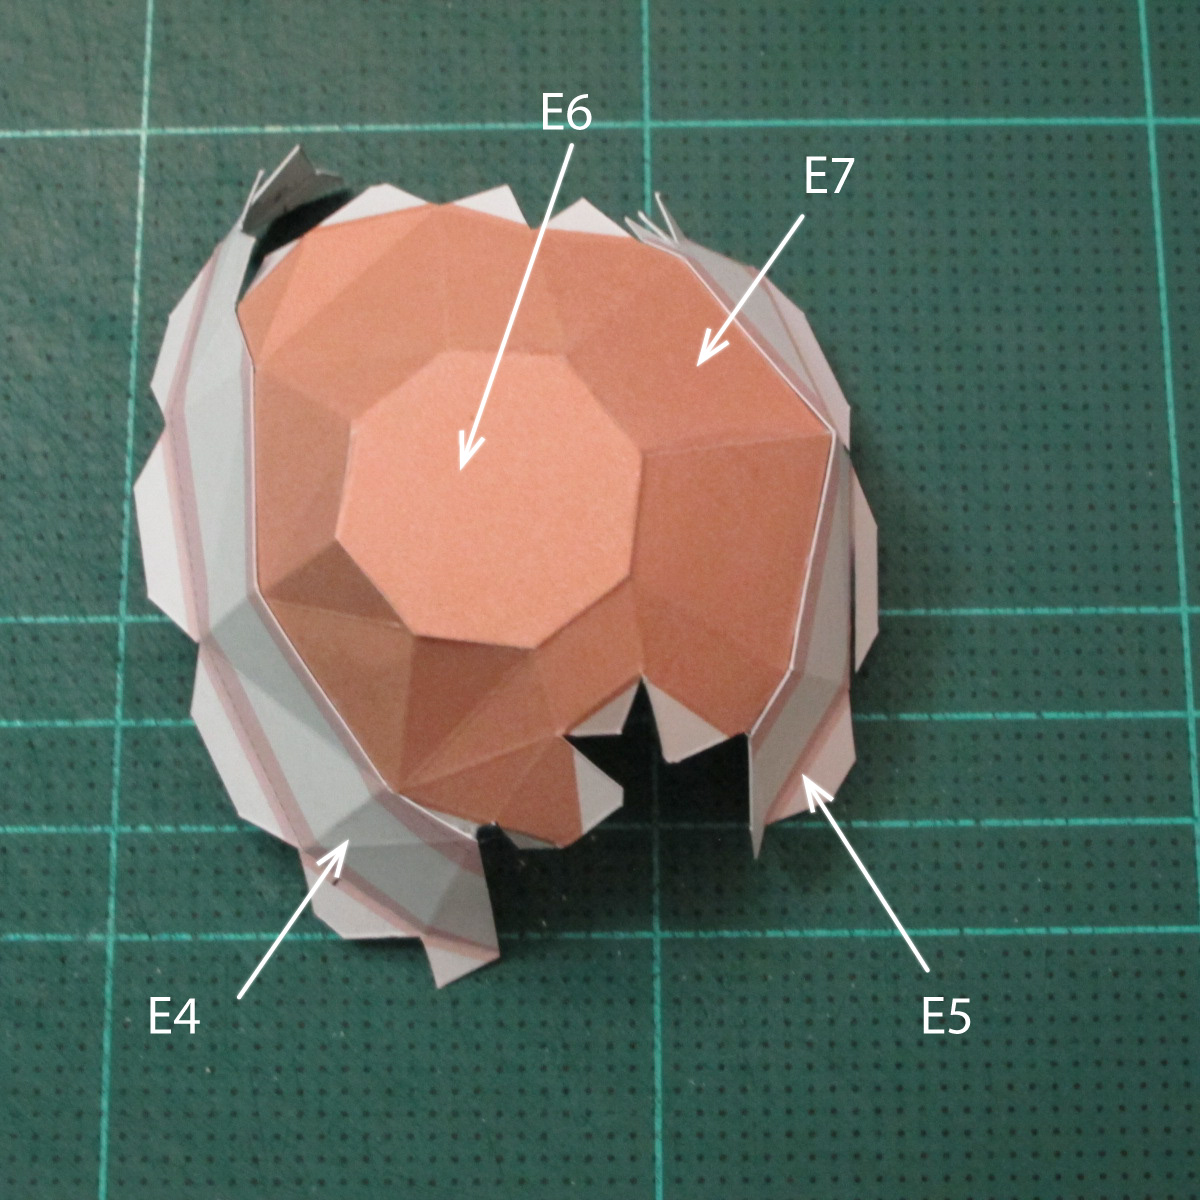 วิธีทำโมเดลกระดาษตุ้กตาคุกกี้รัน คุกกี้รสจิ้งจอกเก้าหาง (Cookie Run Nine Tails Cookie Papercraft Model) 014